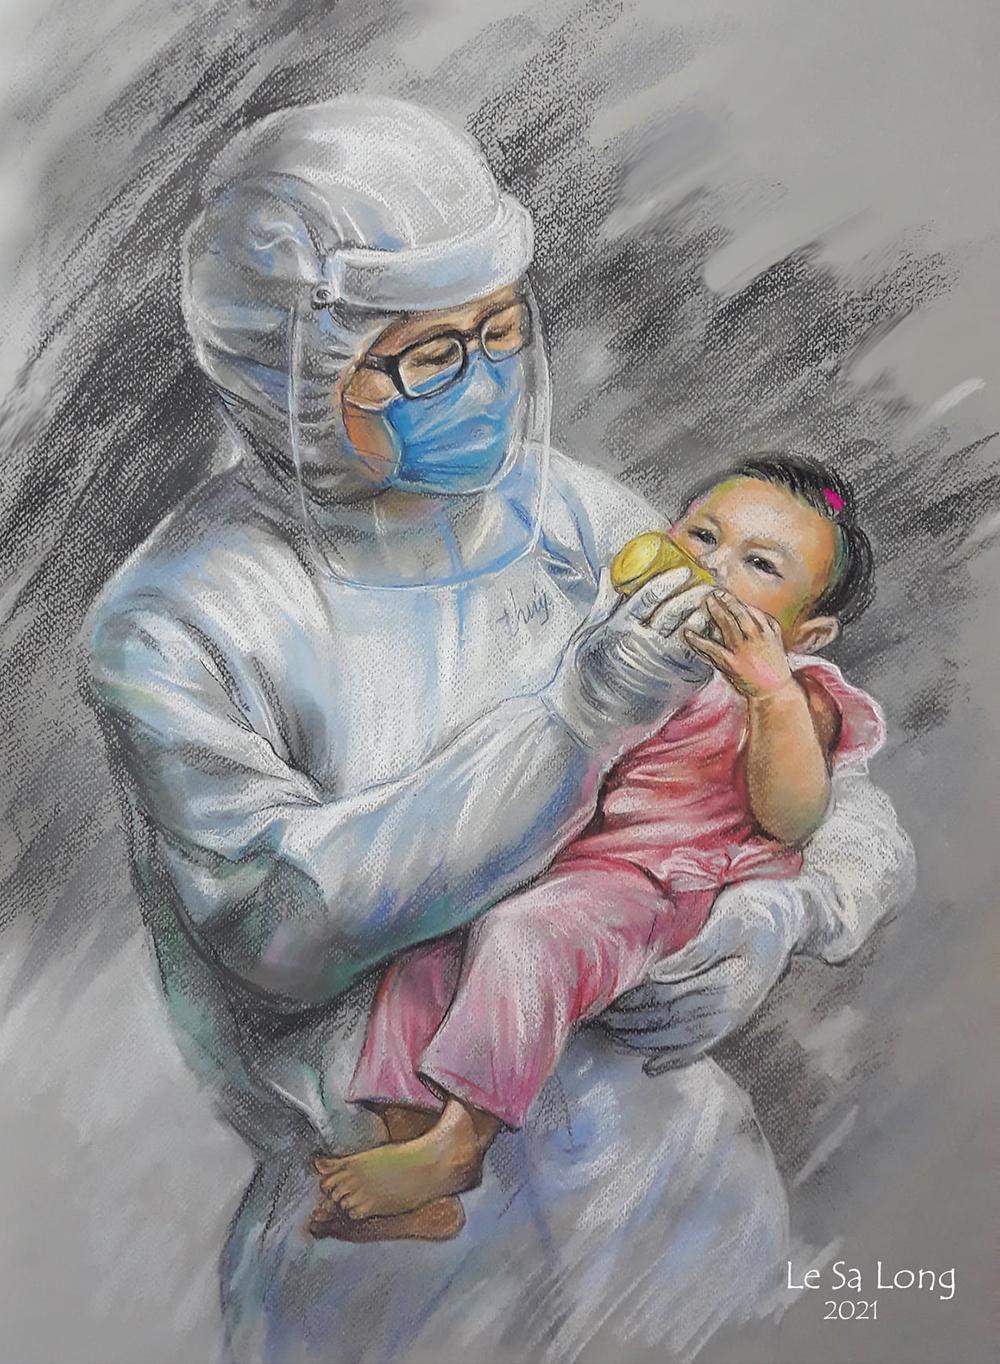 Tranh Dòng sữa ngọt ngào là một trong những bức hoàn thành gần đây, thuộc bộ sưu tập Sài Gòn những ngày giãn cách của họa sĩ Lê Sa Long. Qua phản ánh trên báo chí, họa sĩ cảm động trước câu chuyện bác sĩ Phạm Thị Thanh Thúy hàng ngày vắt sữa nuôi bé gái 7 tháng tuổi tại Bệnh viện Điều trị Covid-19 Trưng Vương. Bé cùng bố và anh trai 25 tháng tuổi - cùng mắc Covid-19 - đang được chữa bệnh tại đây, còn mẹ suy hô hấp nặng điều trị ở bệnh viện Phạm Ngọc Thạch. Có con trạc tuổi bé gái, chị Thúy nhận nhiệm vụ vắt sữa nuôi bé. Khoảnh khắc chị cho bé uống sữa trong bộ đồ bảo hộ được đồng nghiệp ghi lại